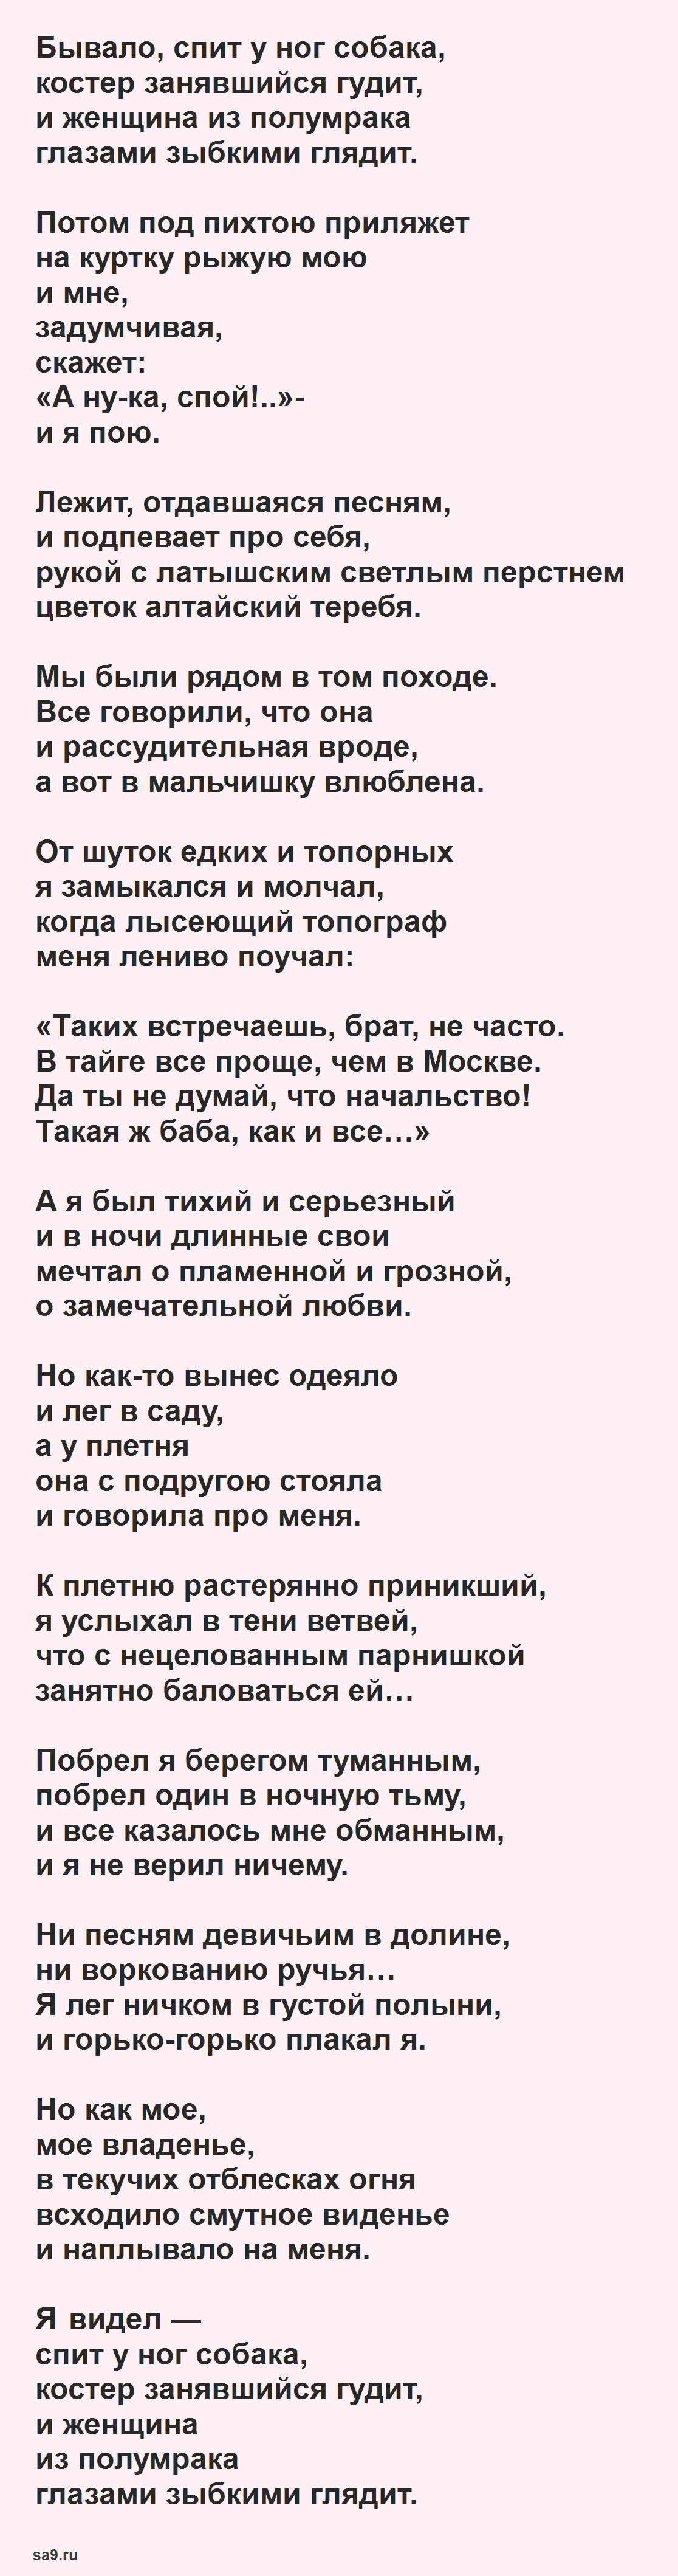 Евтушенко стихи лучшие - Бывало, спит у ног собака